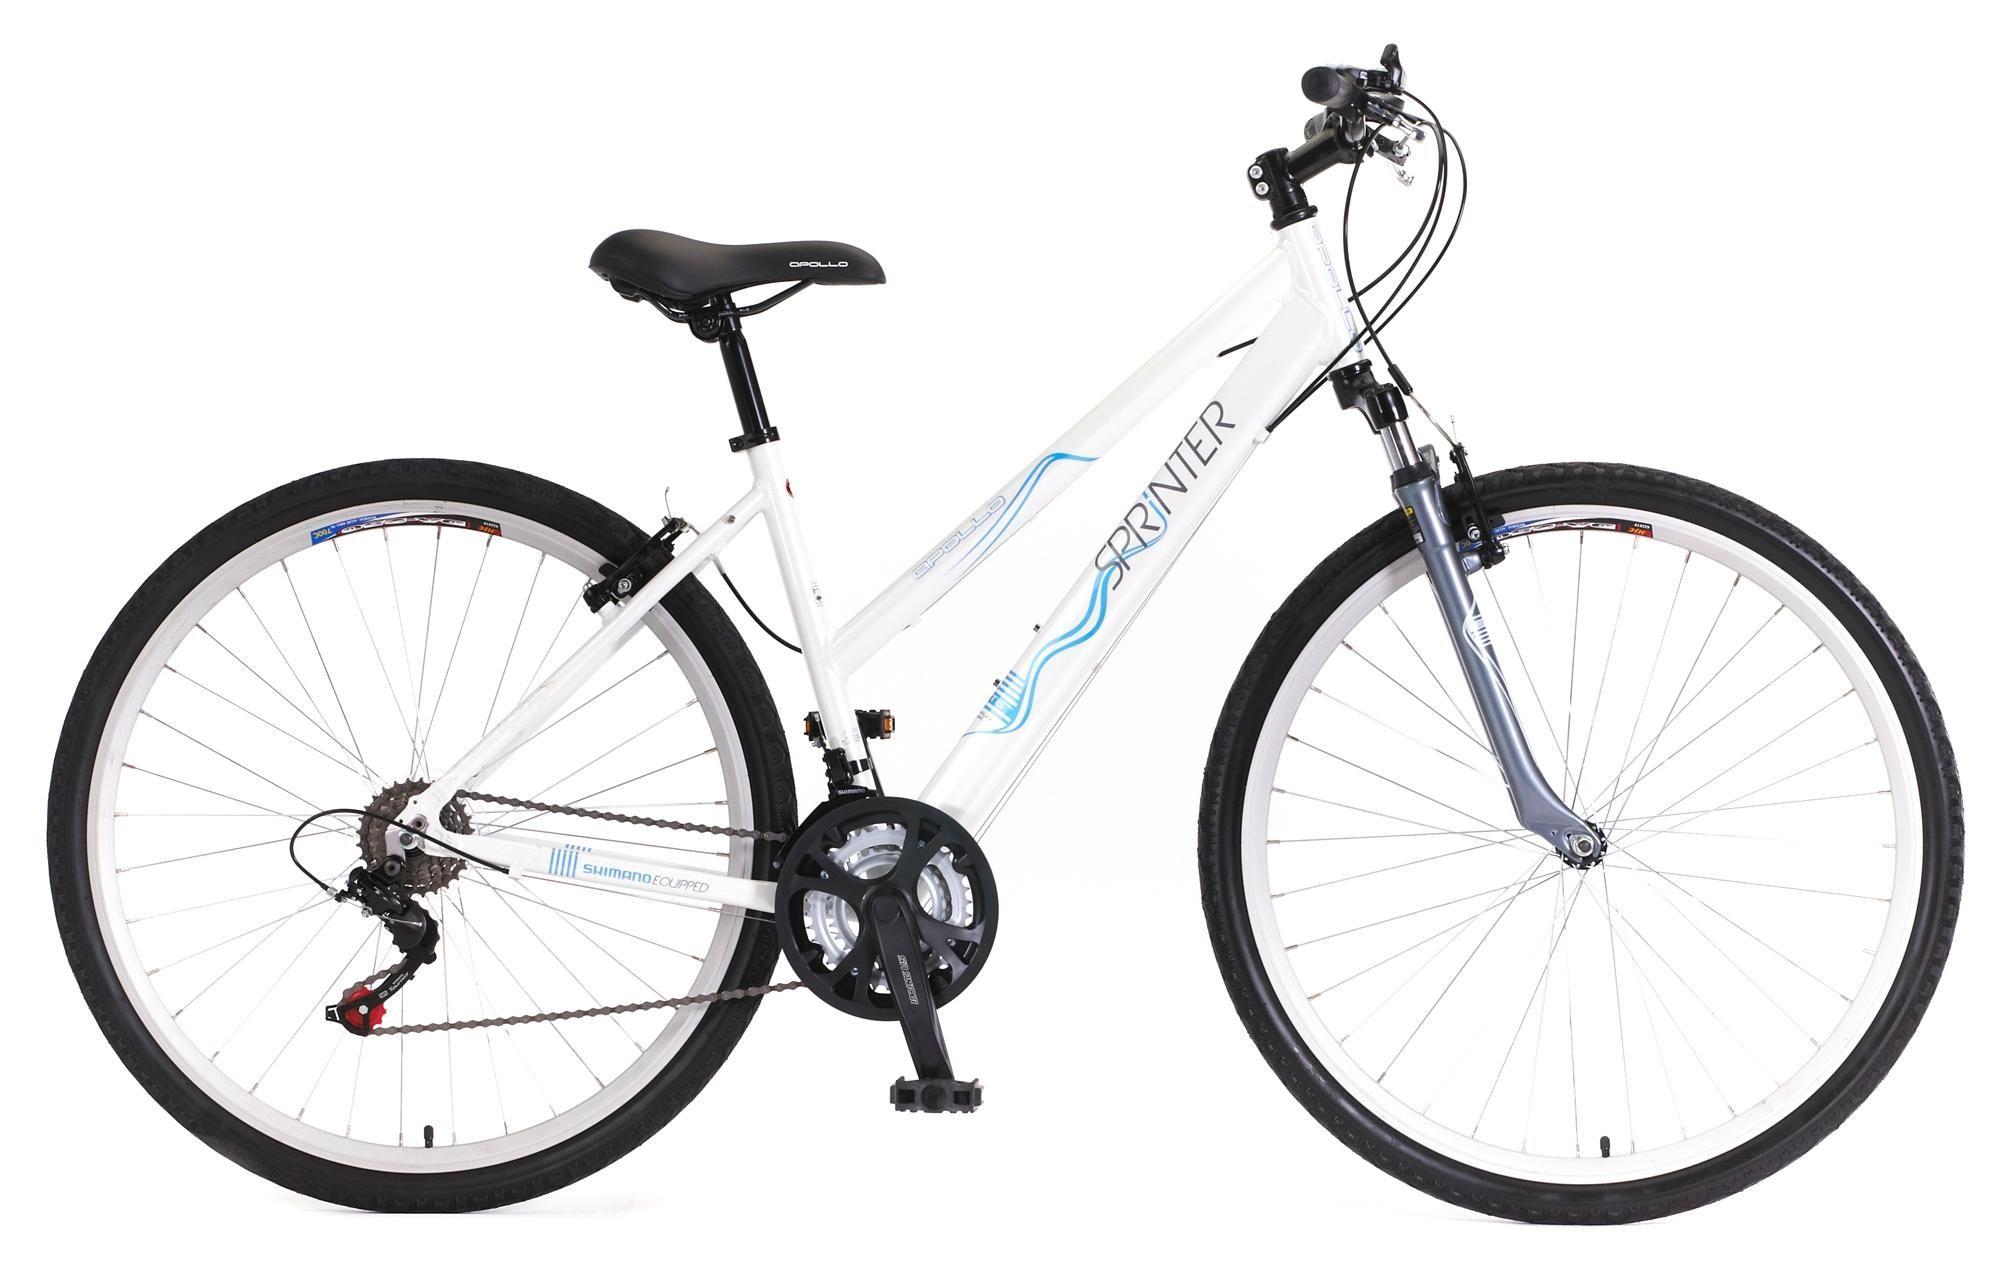 The Apollo Sprinter La S Hybrid Bike